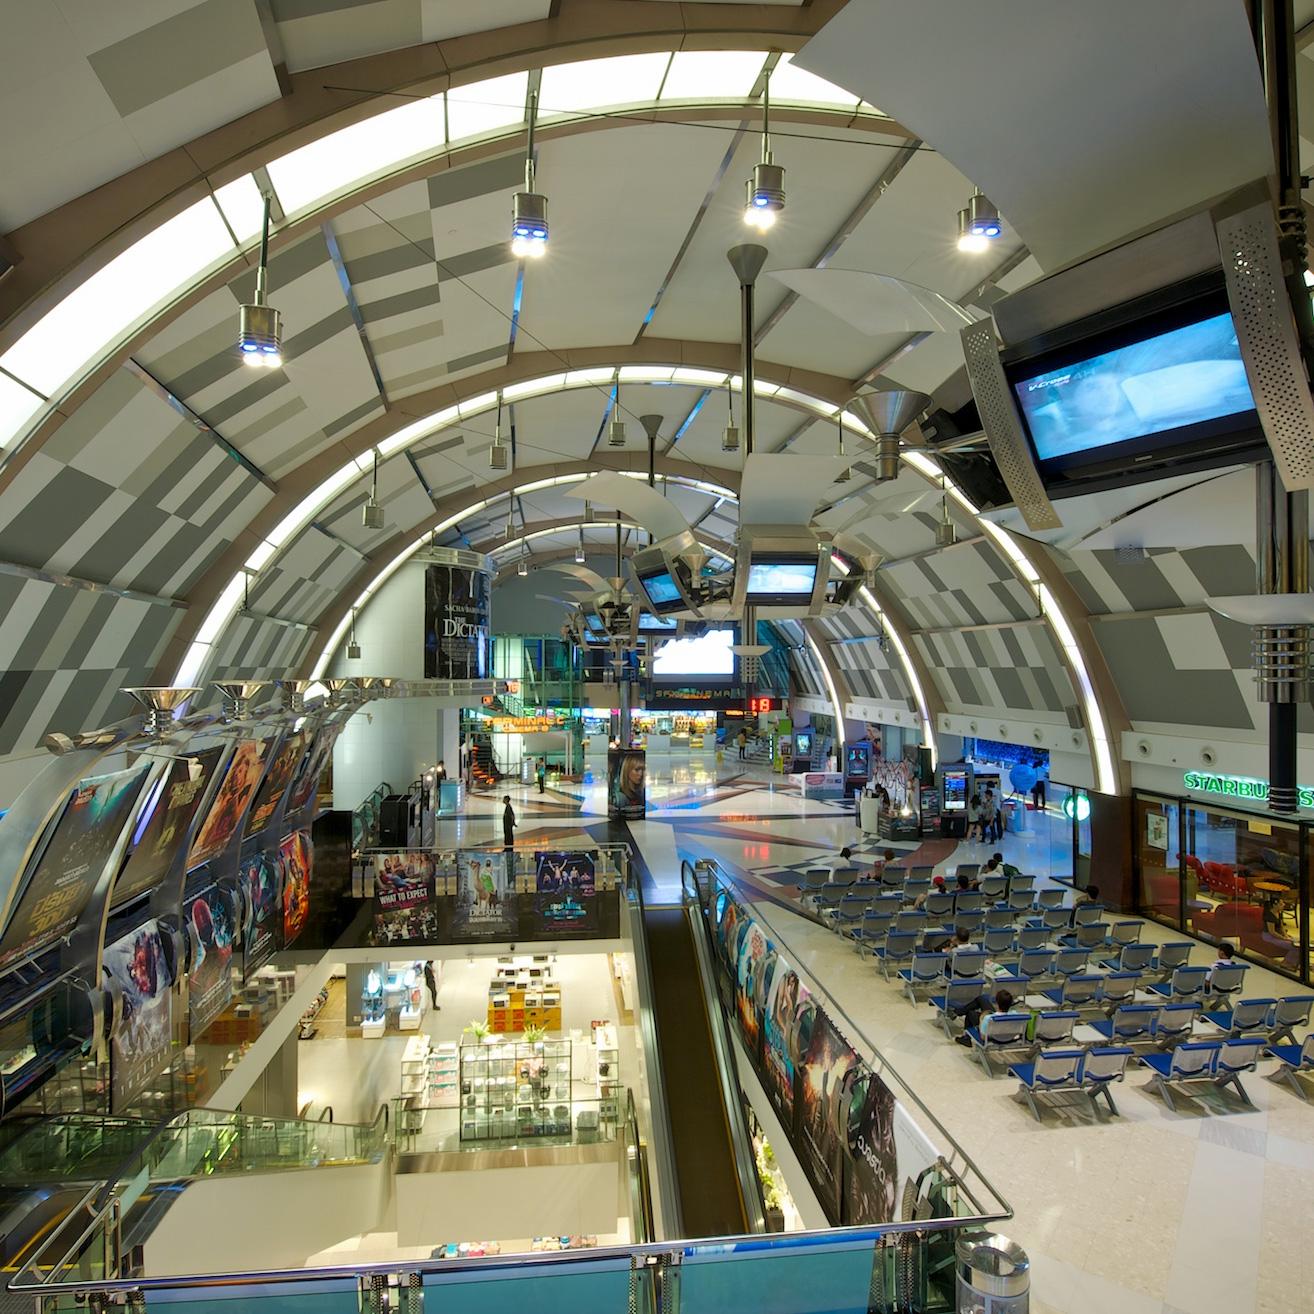 SF-Cinema-(Central-Ladprao)1s